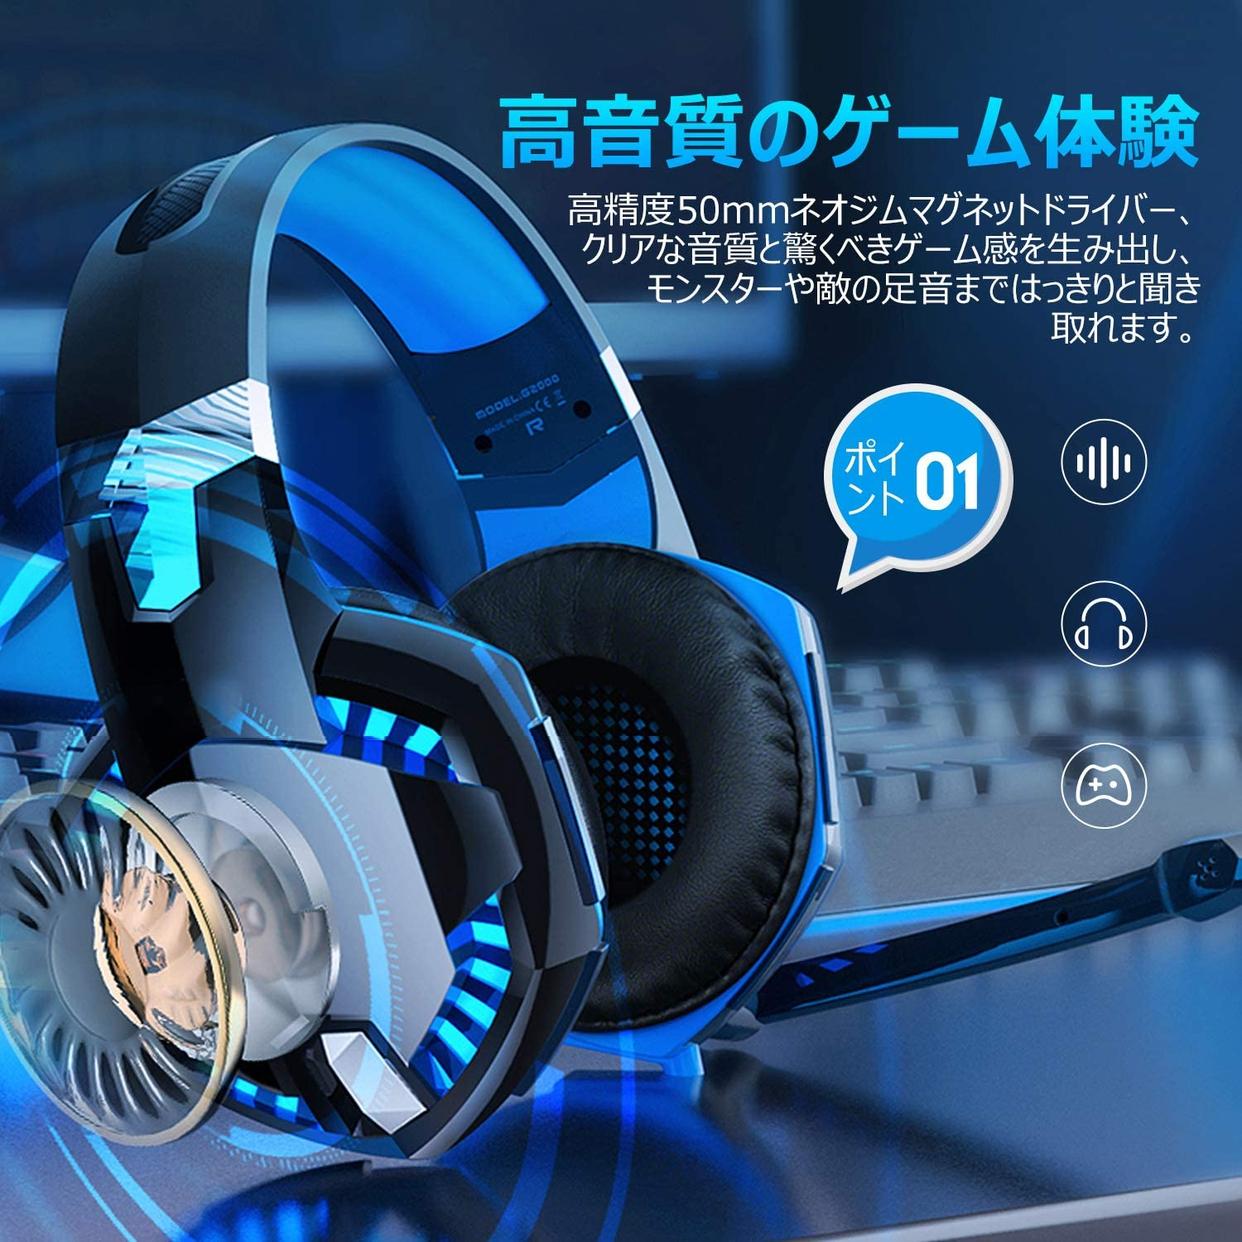 ARKARTECH(アーカーテック) ゲーミングヘッドセット G2000の商品画像2